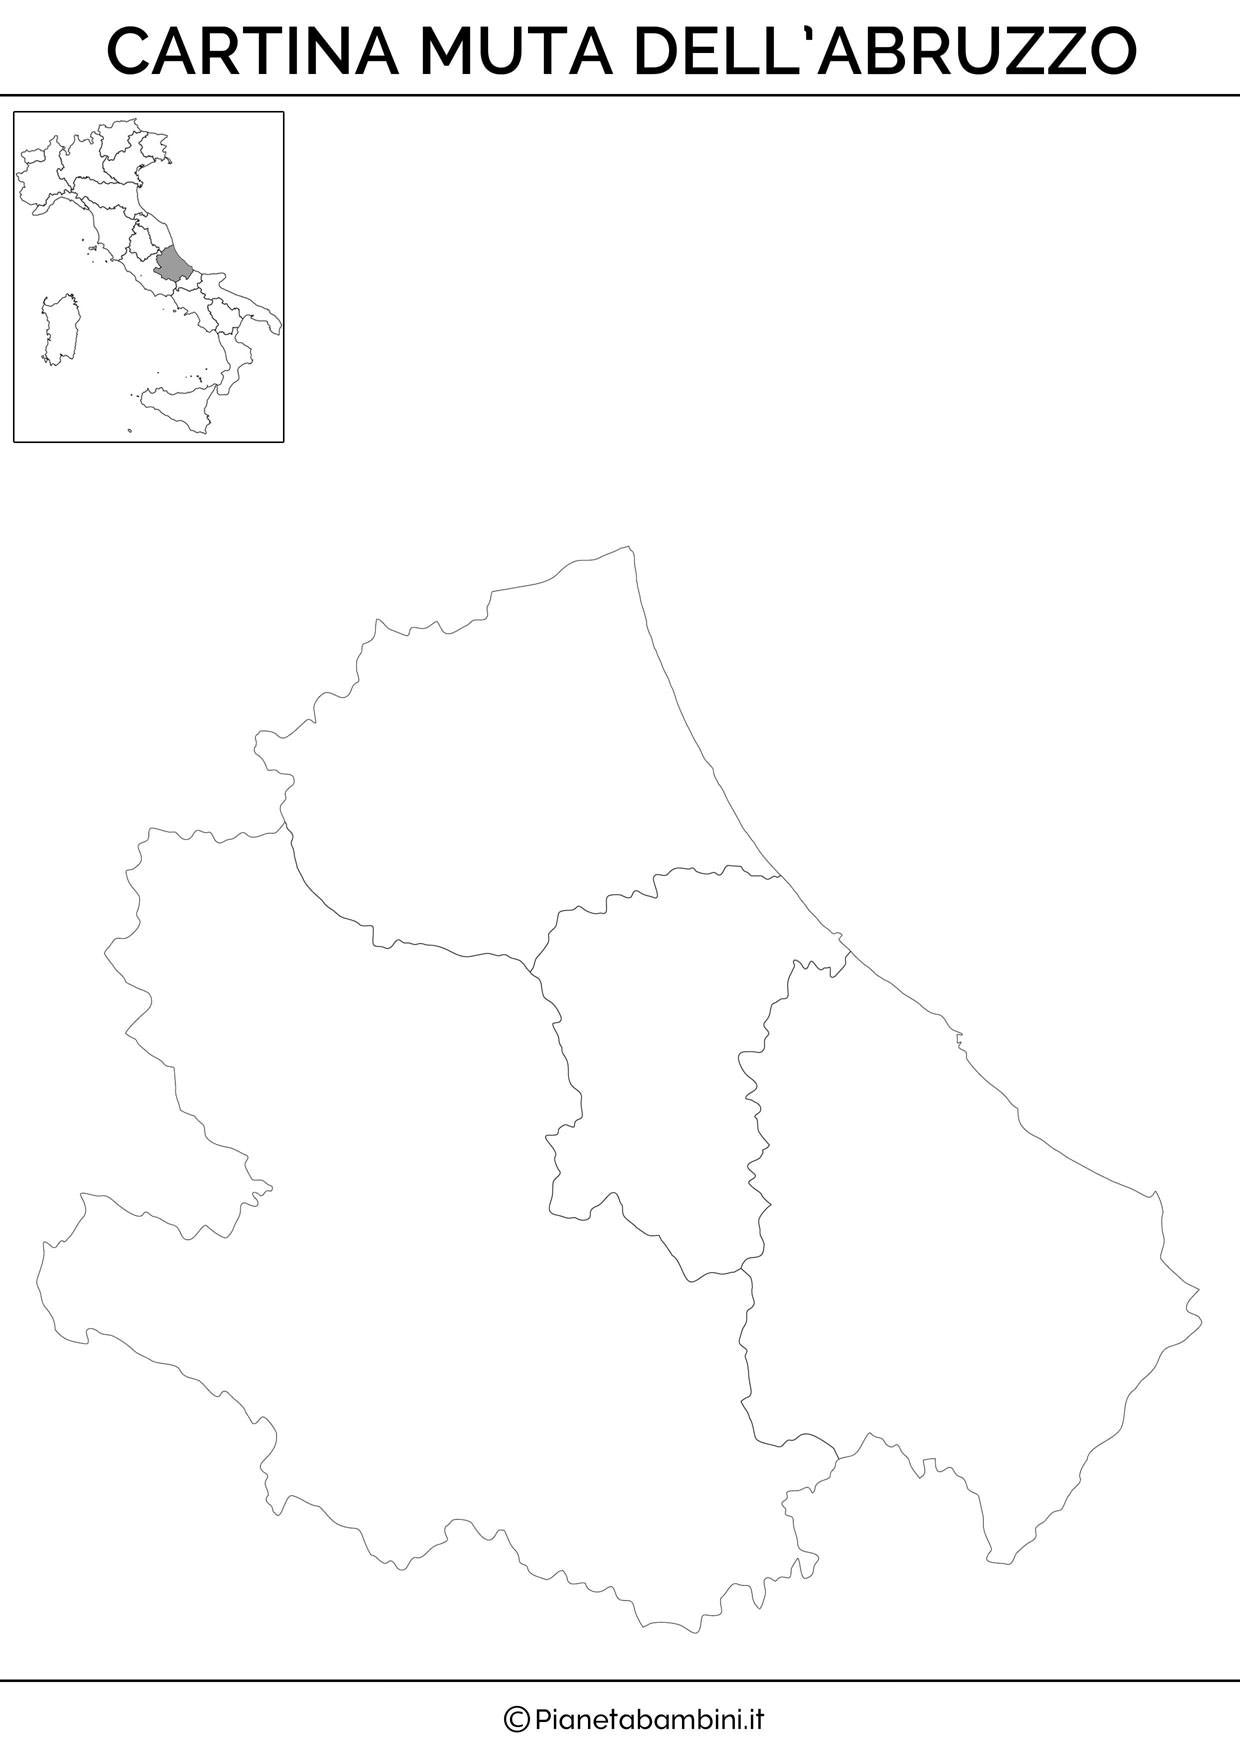 Cartina muta dell'Abruzzo da stampare gratis